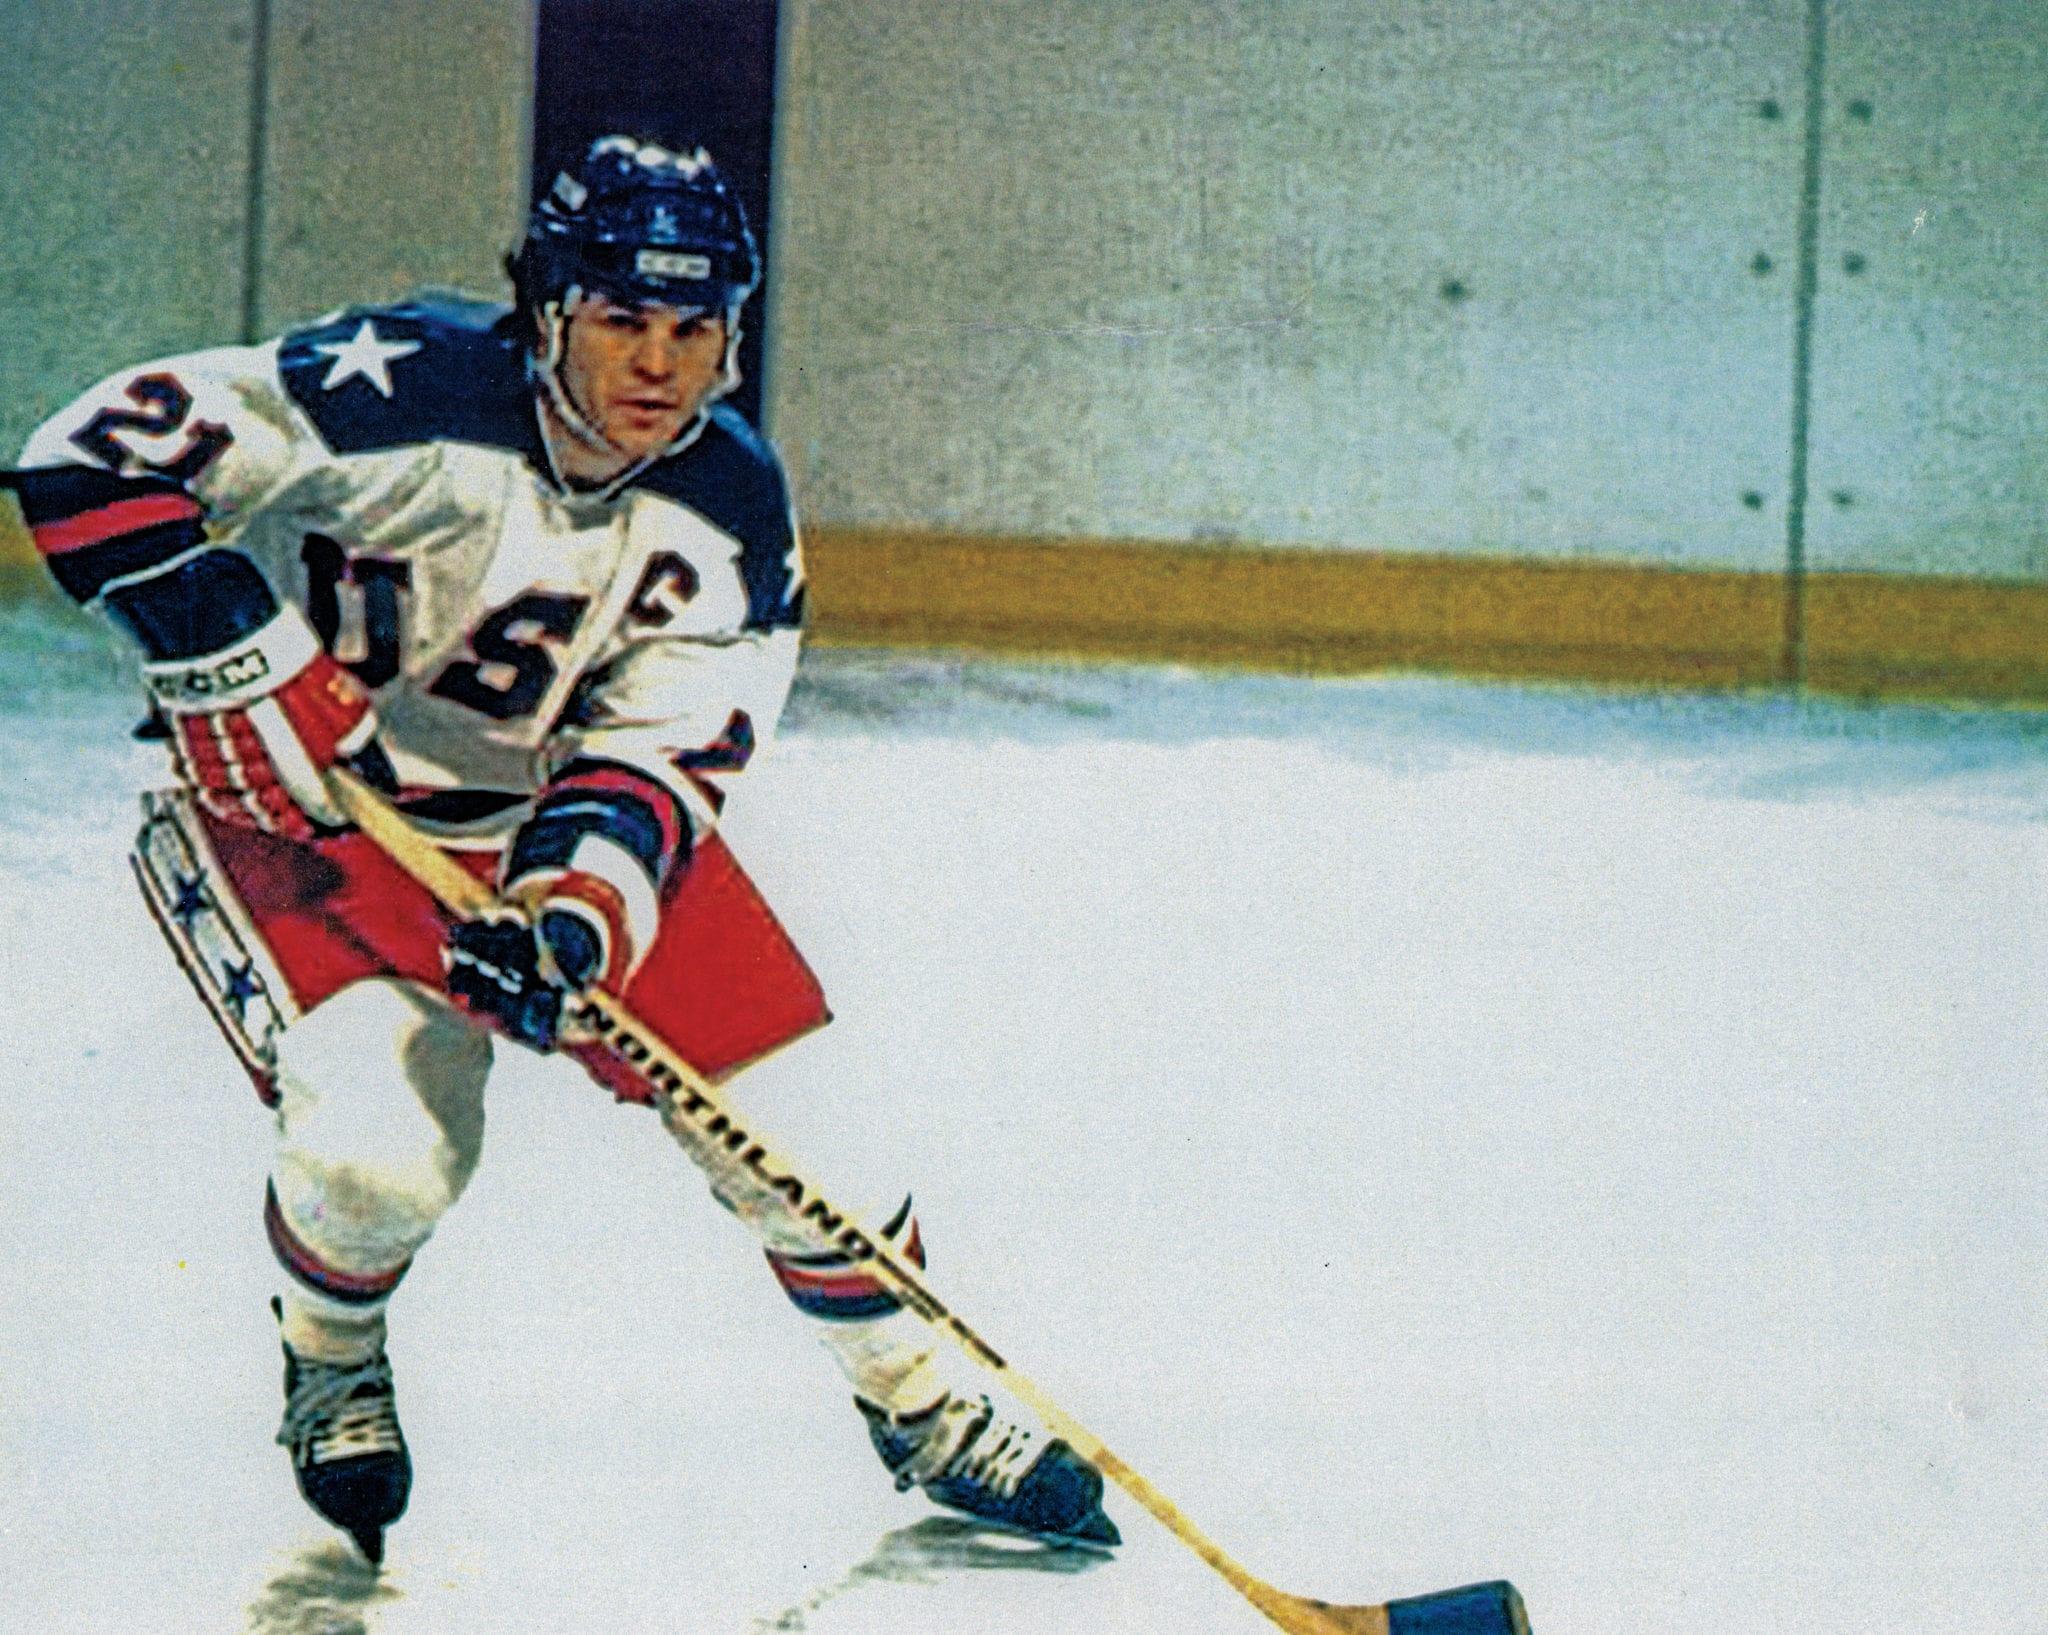 Mike Eruzione, member, 1980 U.S. Olympic Hockey Team